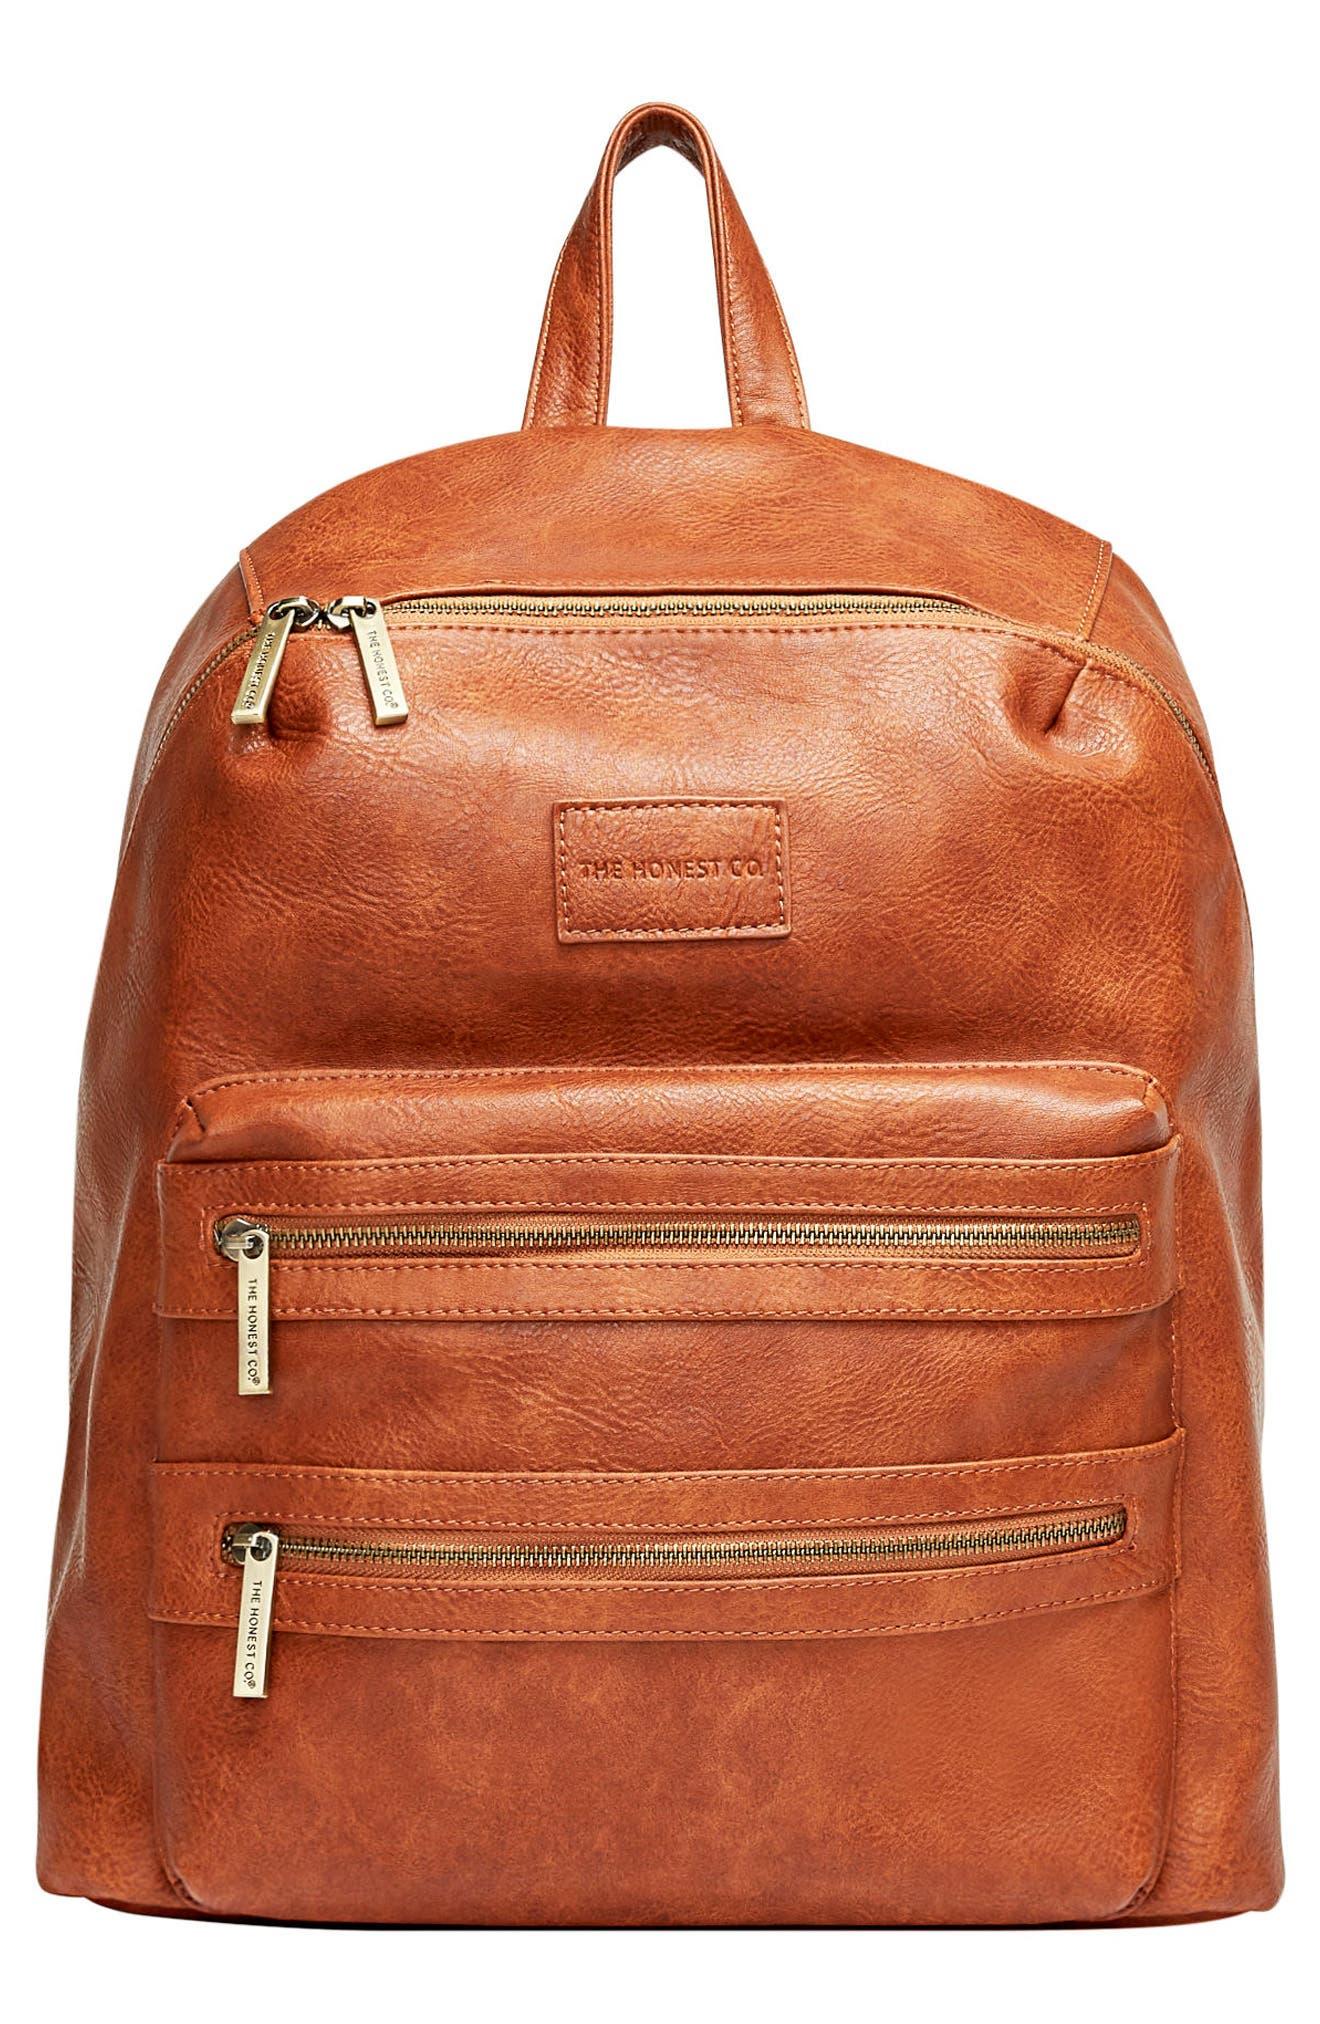 'City' Faux Leather Diaper Backpack,                         Main,                         color, COGNAC